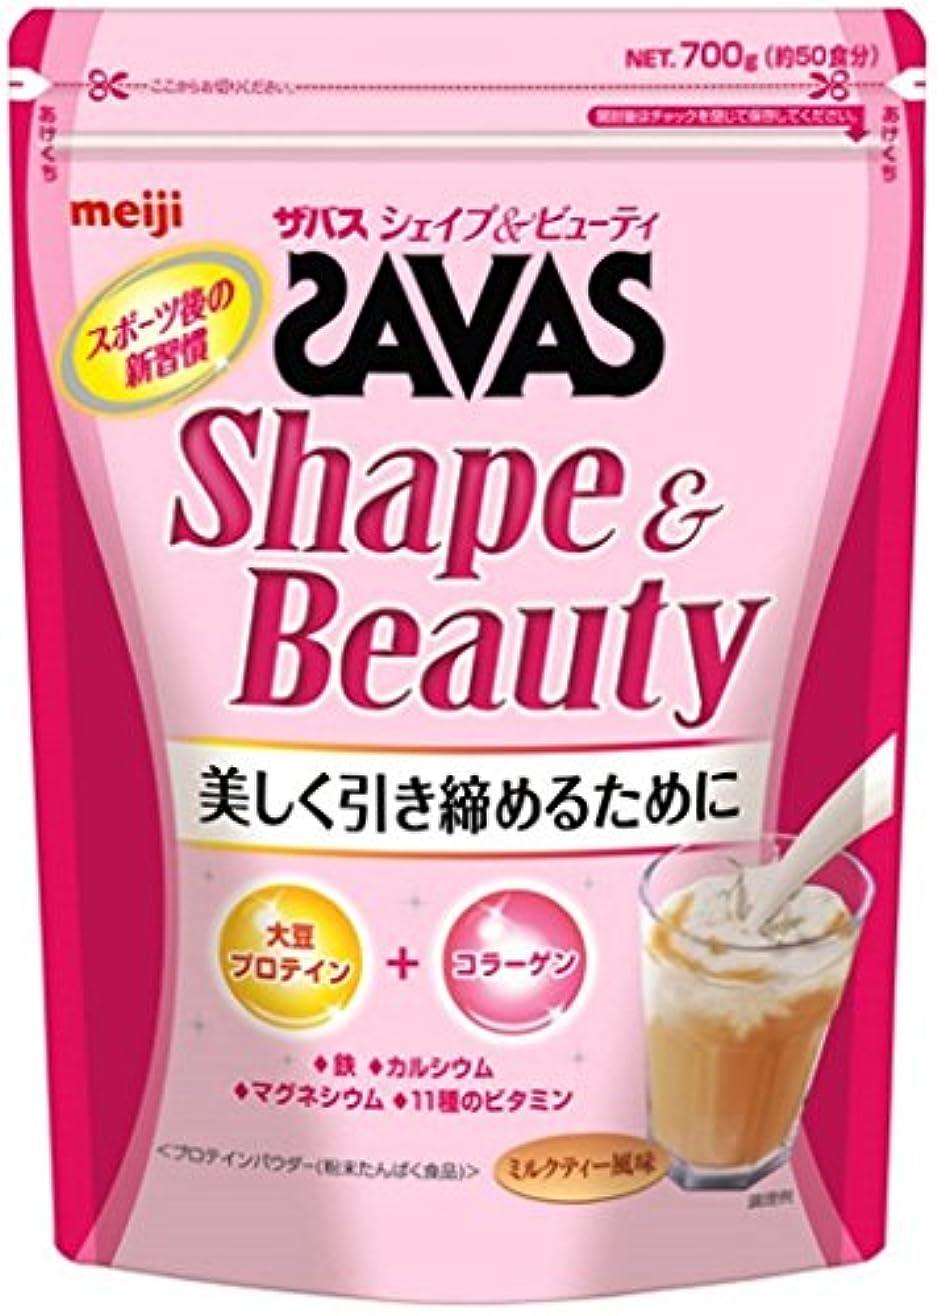 幸福サージ雄大な明治 ザバス シェイプ&ビューティ ミルクティー風味 【50食分】 700g